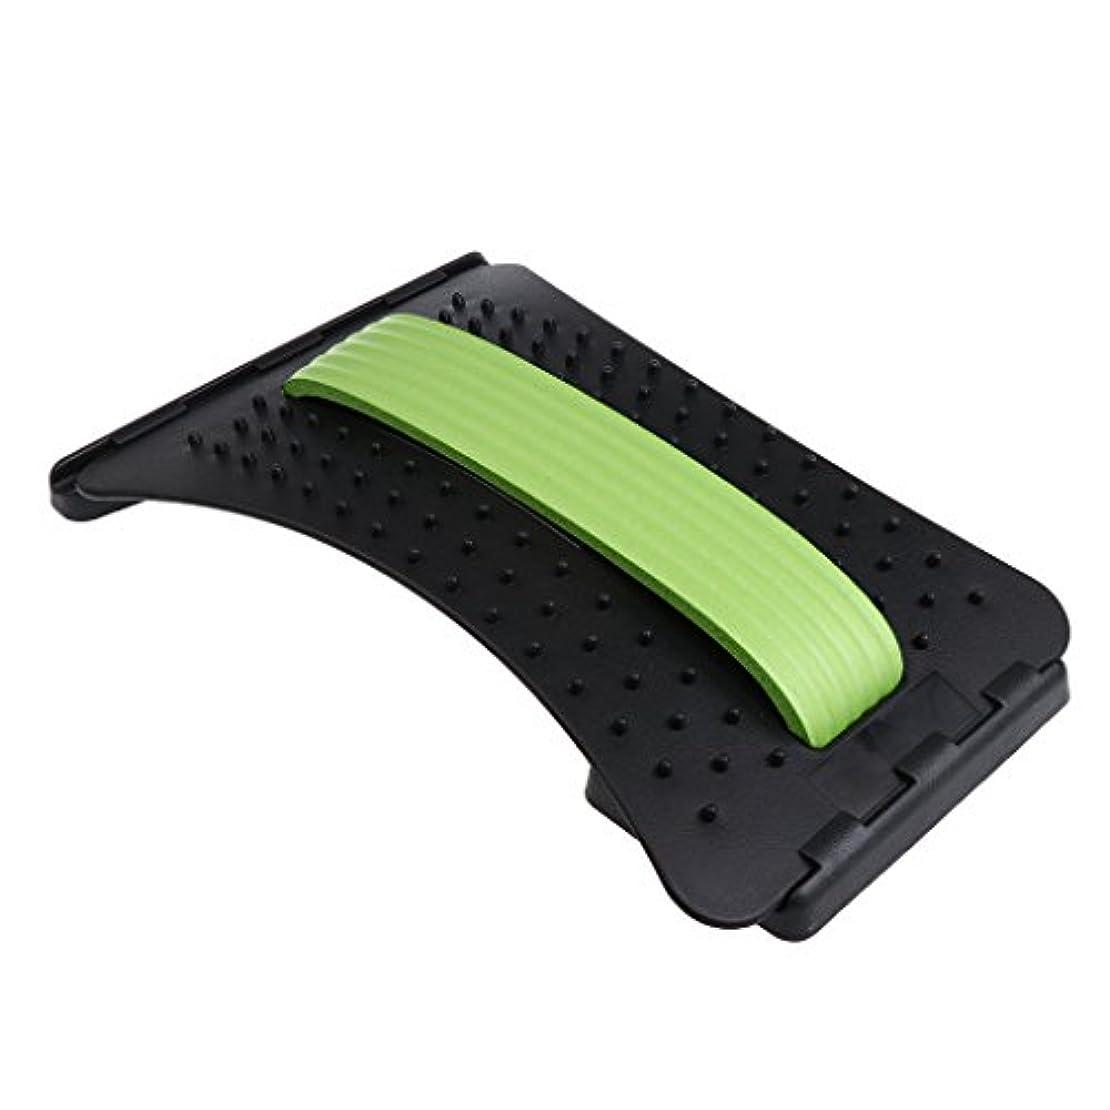 作曲する必要ない見えるPerfk バックストレッチャー マッサージャー サポート 高さ調整可 3色選べる - 緑